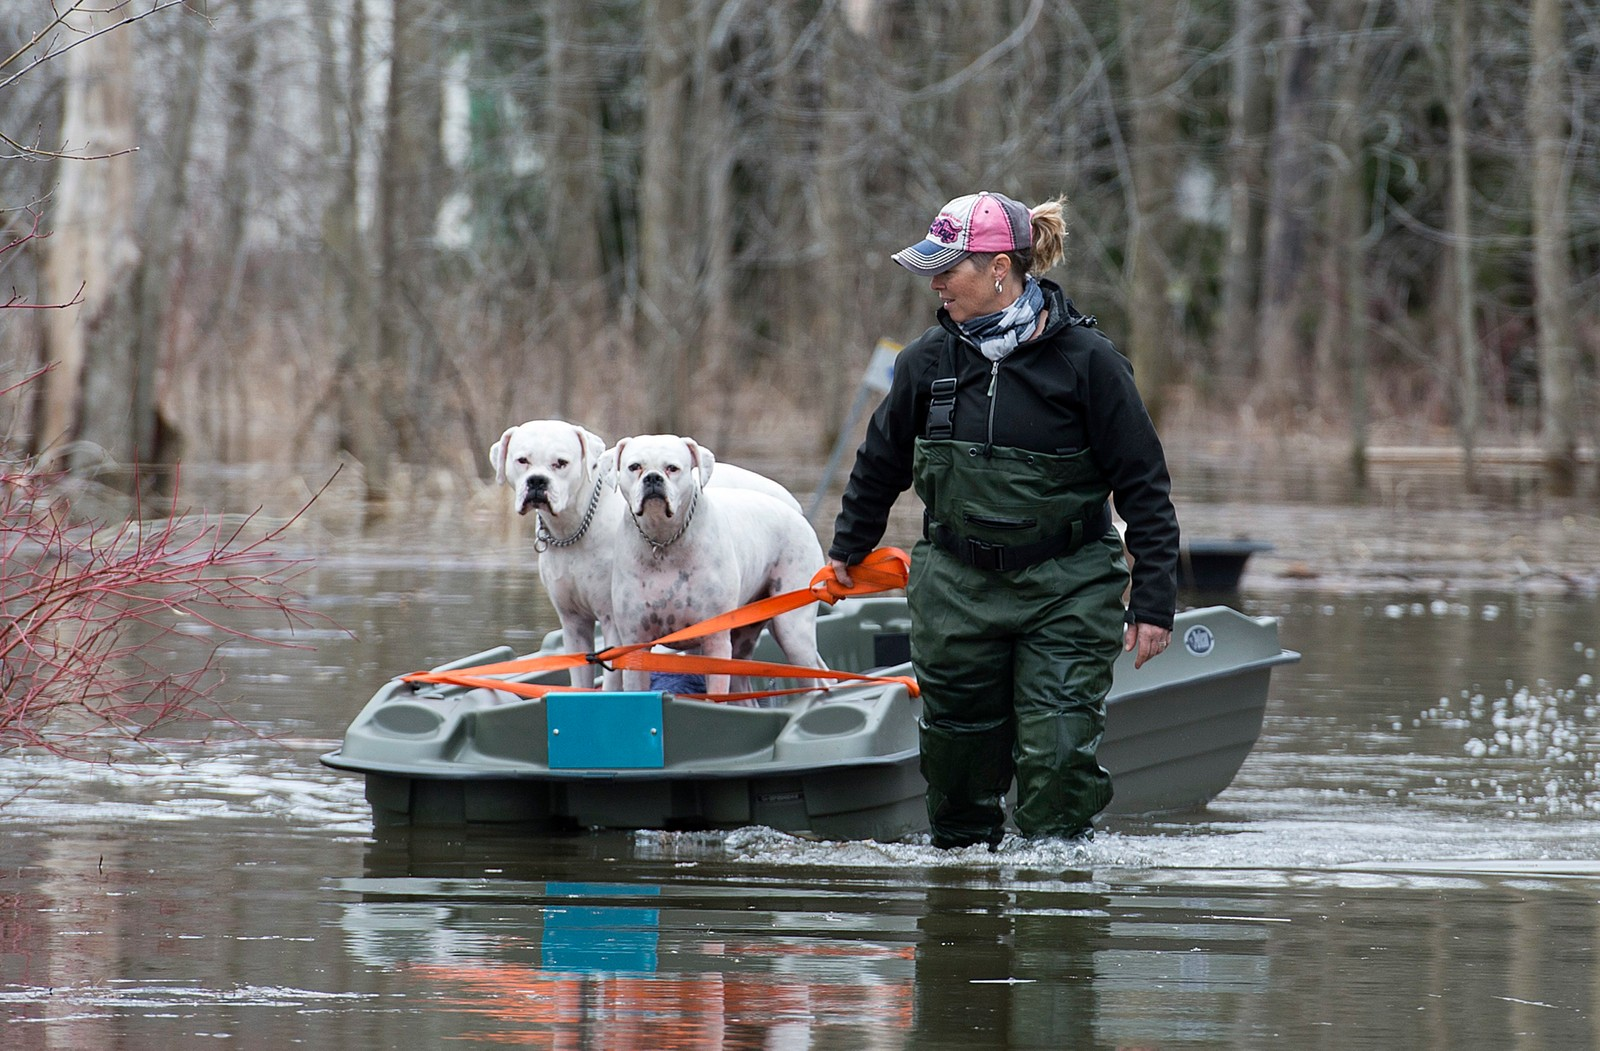 Hillary Porter går tur med hundene utenfor Montreal, Canada. Området er for tida ramma av flom.